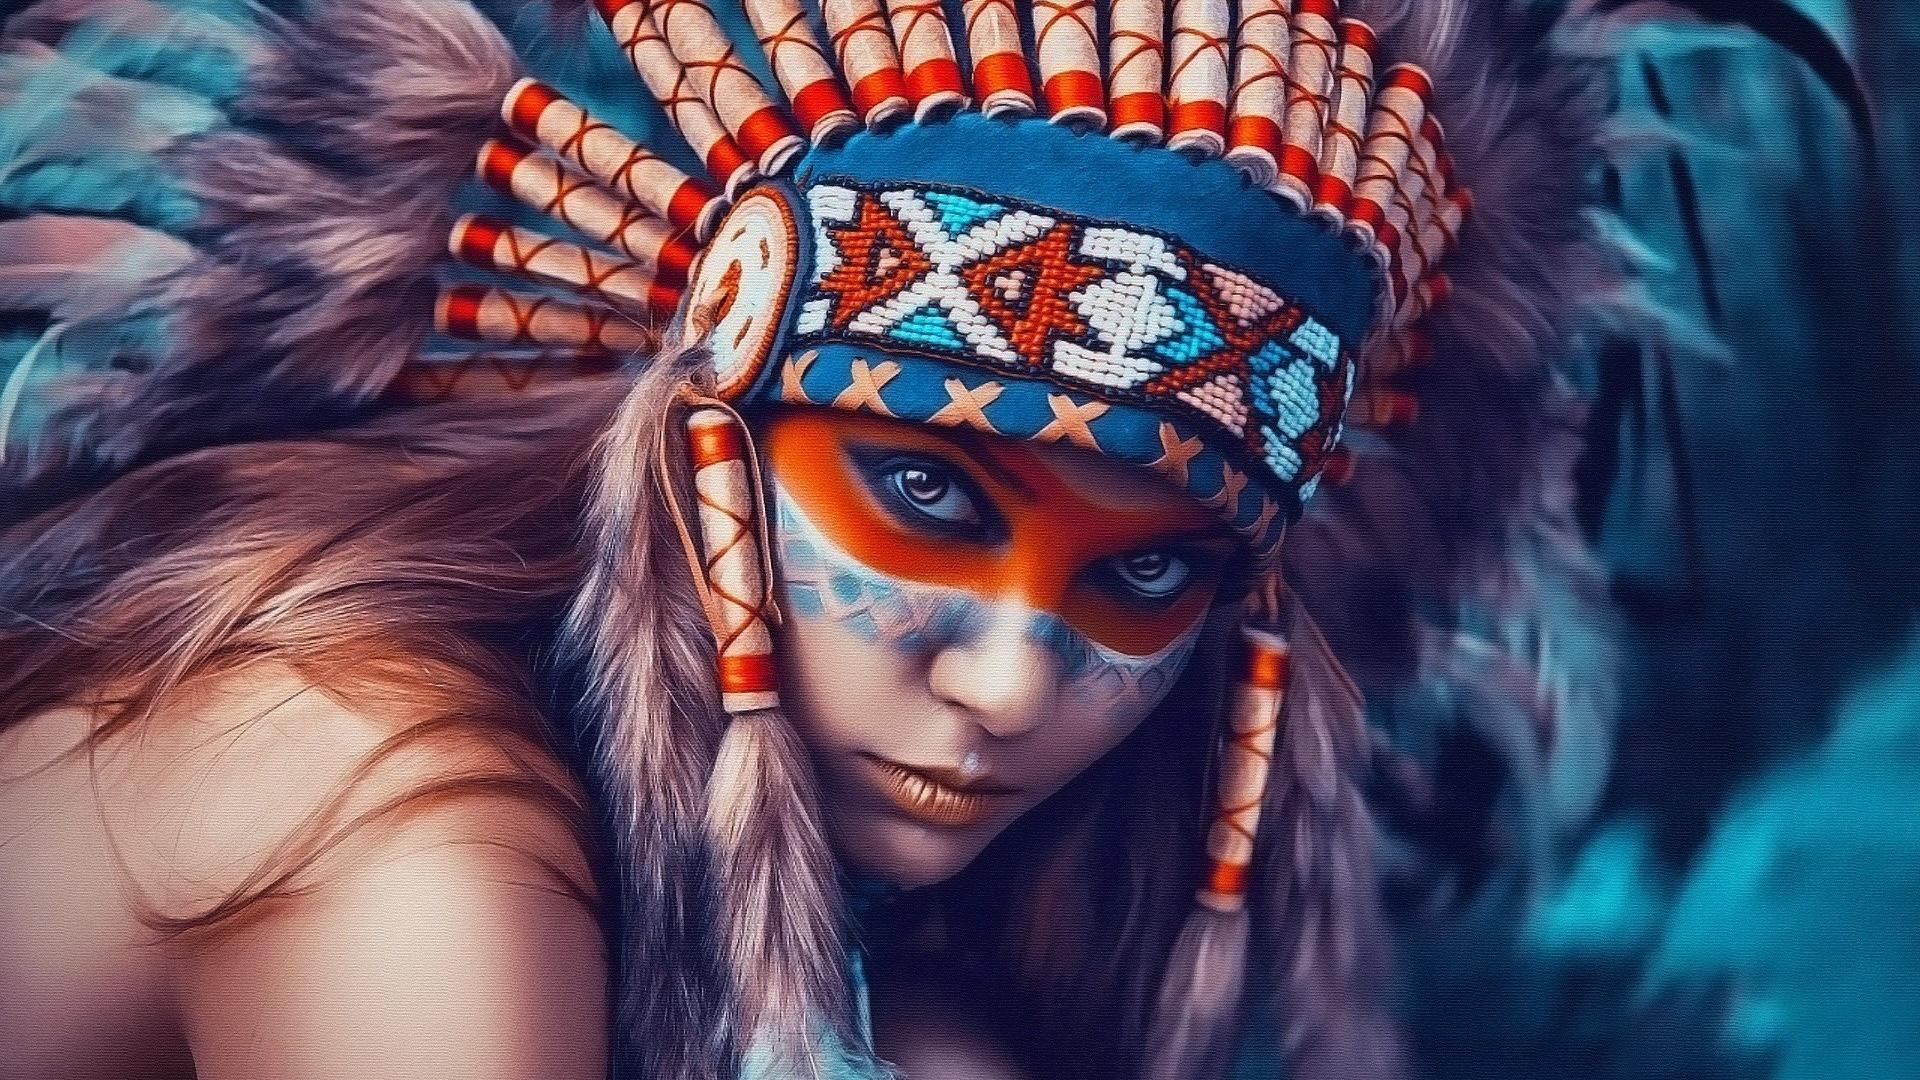 нещата, картинки с индейцами высокого разрешения танцевать